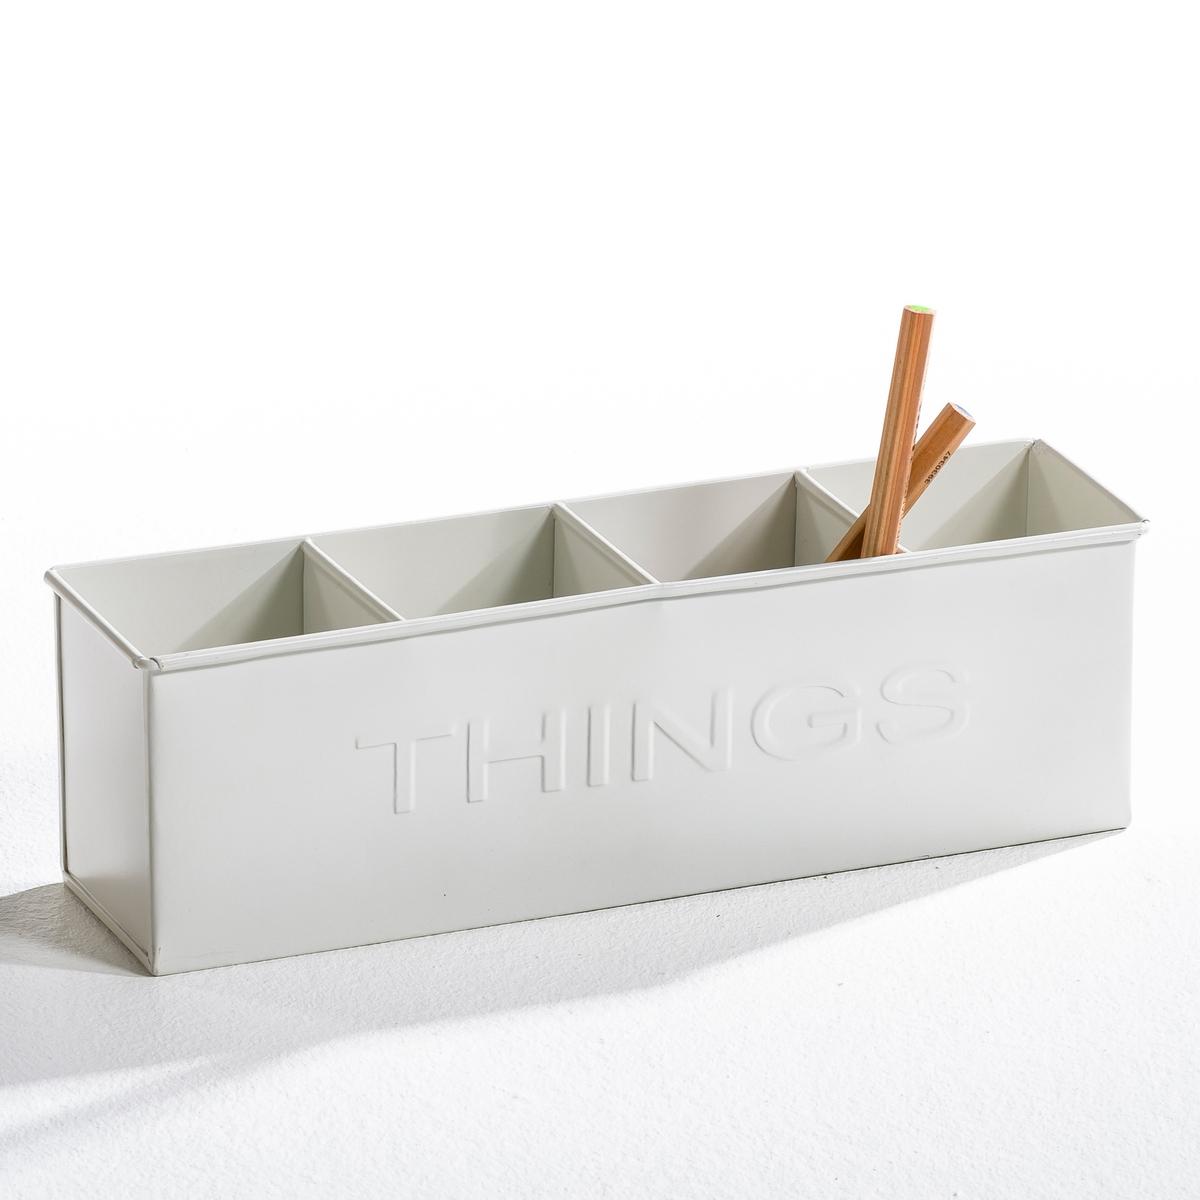 Стакан для карандашей AM.PM.Стакан для карандашей Choyse (а также для столовых приборов и другой мелочи можно использовать как кашпо). Из металла оцинкованного или крашеного. Рельефная надпись THINGS с двух сторон. 4 отделения. Размер: ширина 32 см х высота 10 см х глубина 8 см.<br><br>Цвет: белый,желтый,серый,черный<br>Размер: 32 x 8 x 10 см